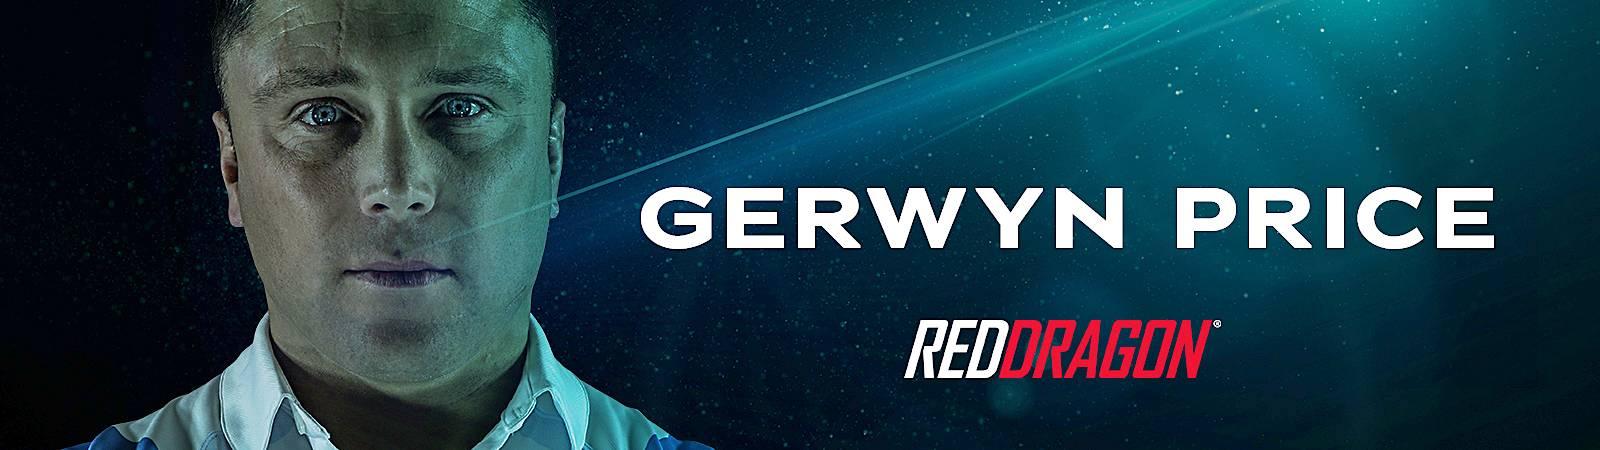 Red Dragon Gerwyn Price